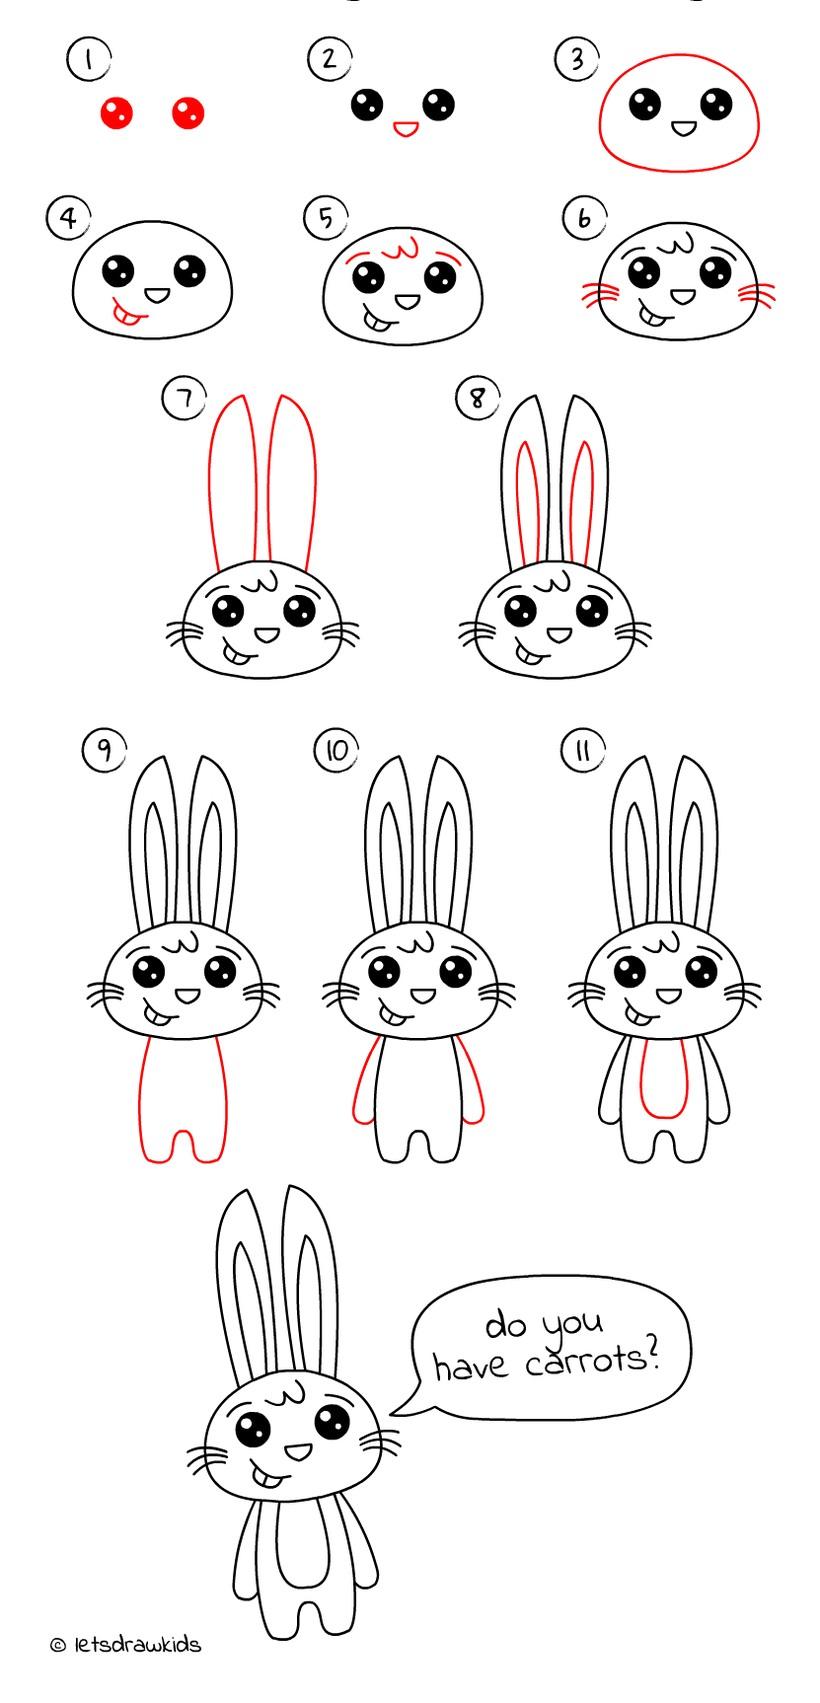 conejo dibujos fáciles de animales para hacer a lápiz con niños paso a paso